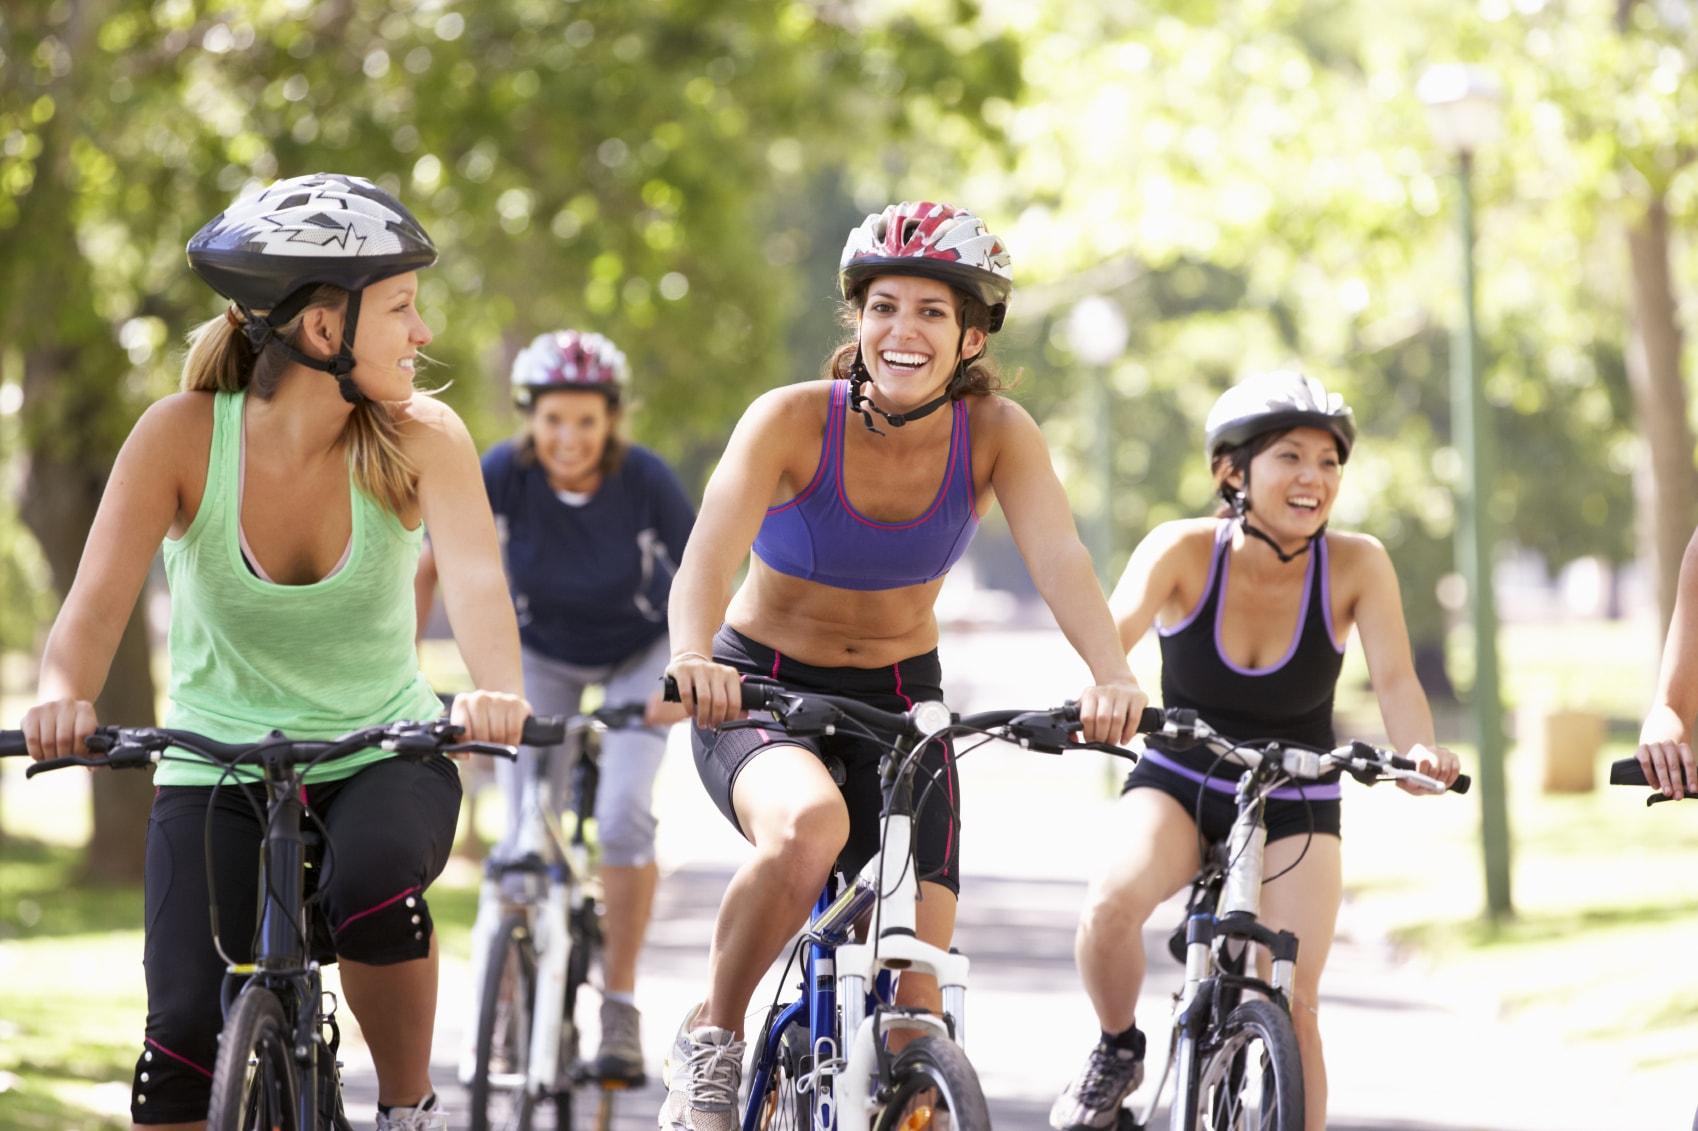 ciclistas-en-grupo